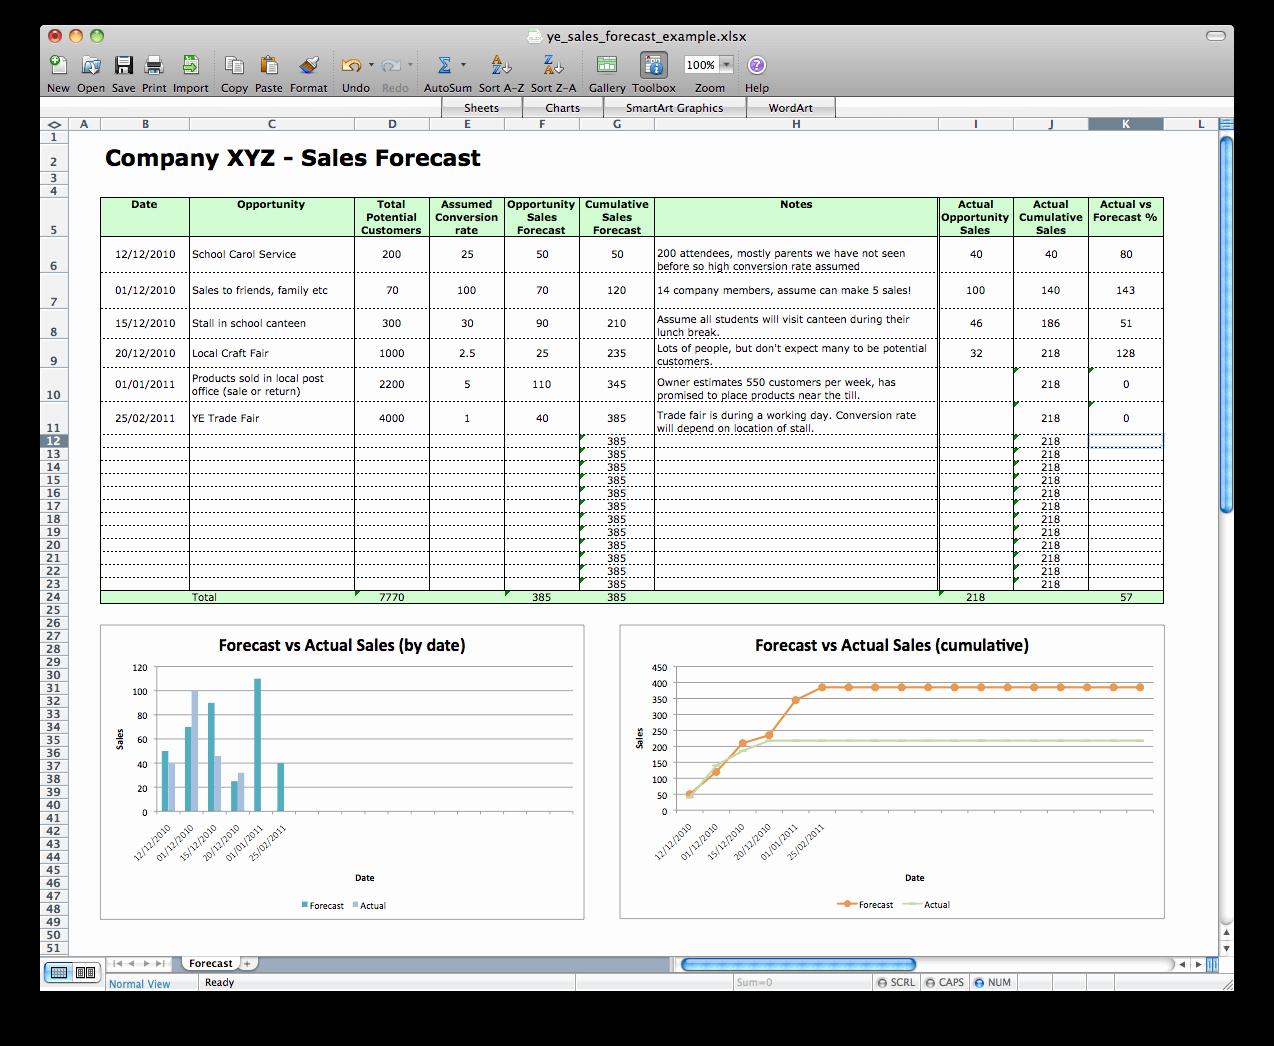 Construction Cash Flow Projection Template Inspirational Cash Flow Projections Worksheet and Cash Flow forecast